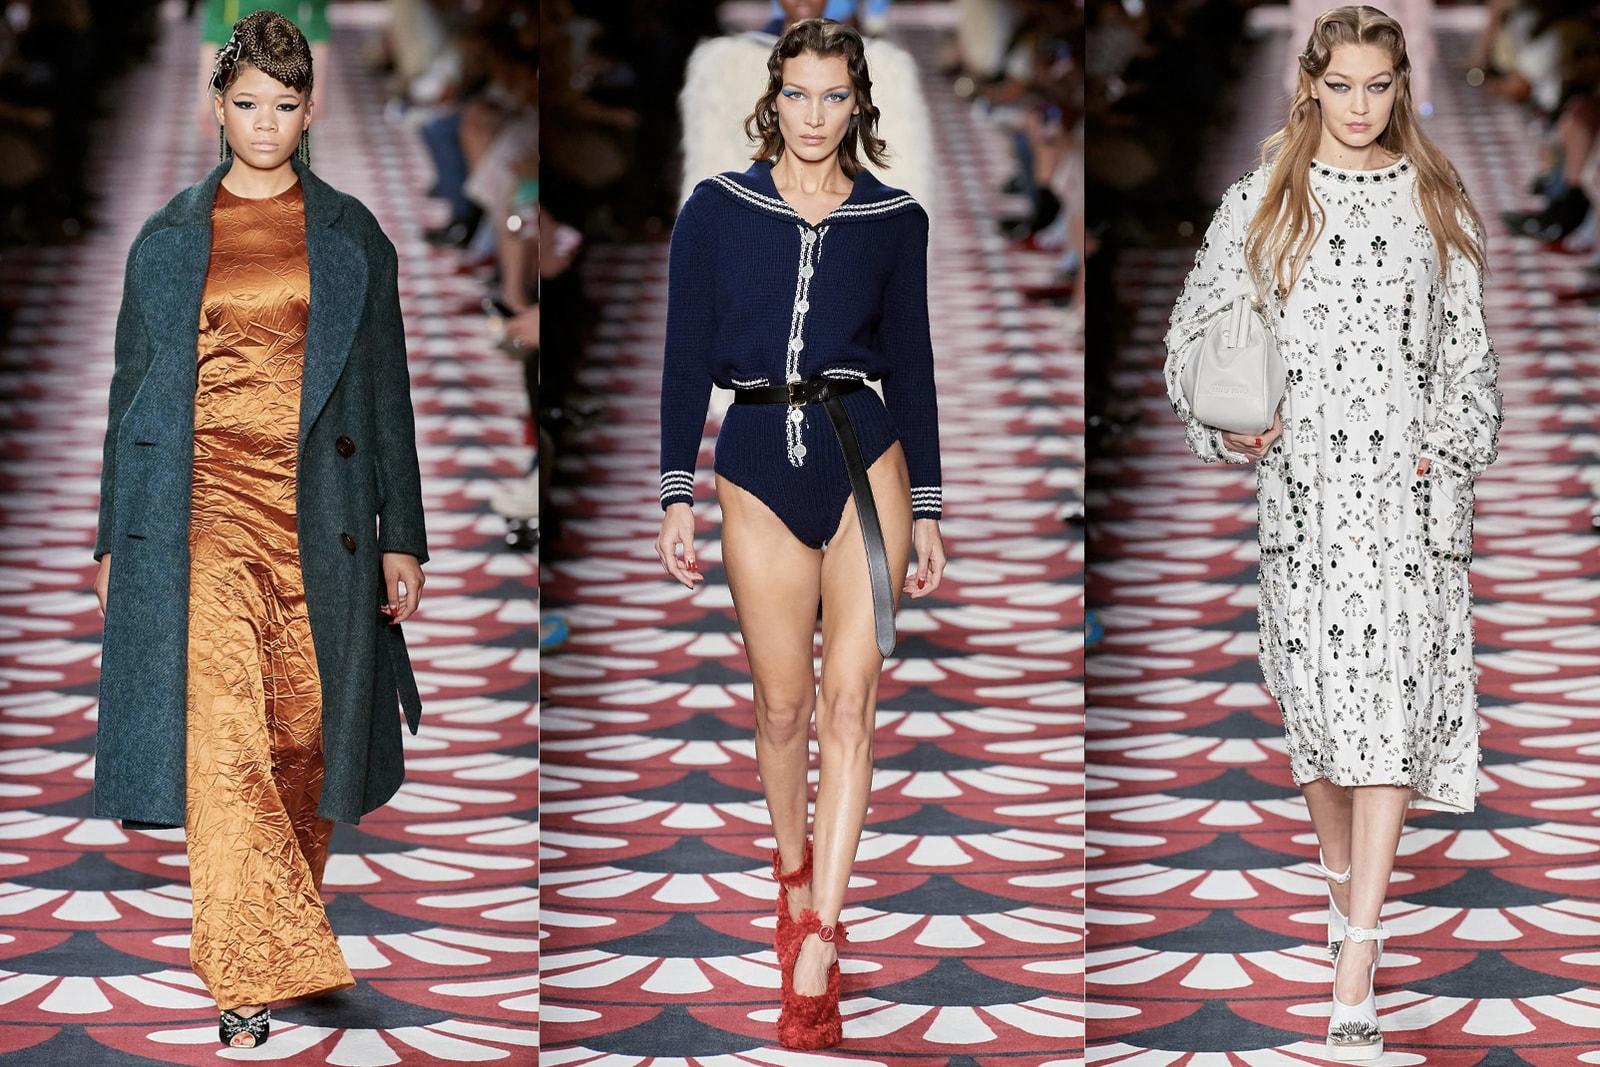 Paris Fashion Week Fall/Winter 2020 Best Shows Dior Louis Vuitton Saint Laurent Givenchy Miu Miu Maison Margiela Balenciaga Runway